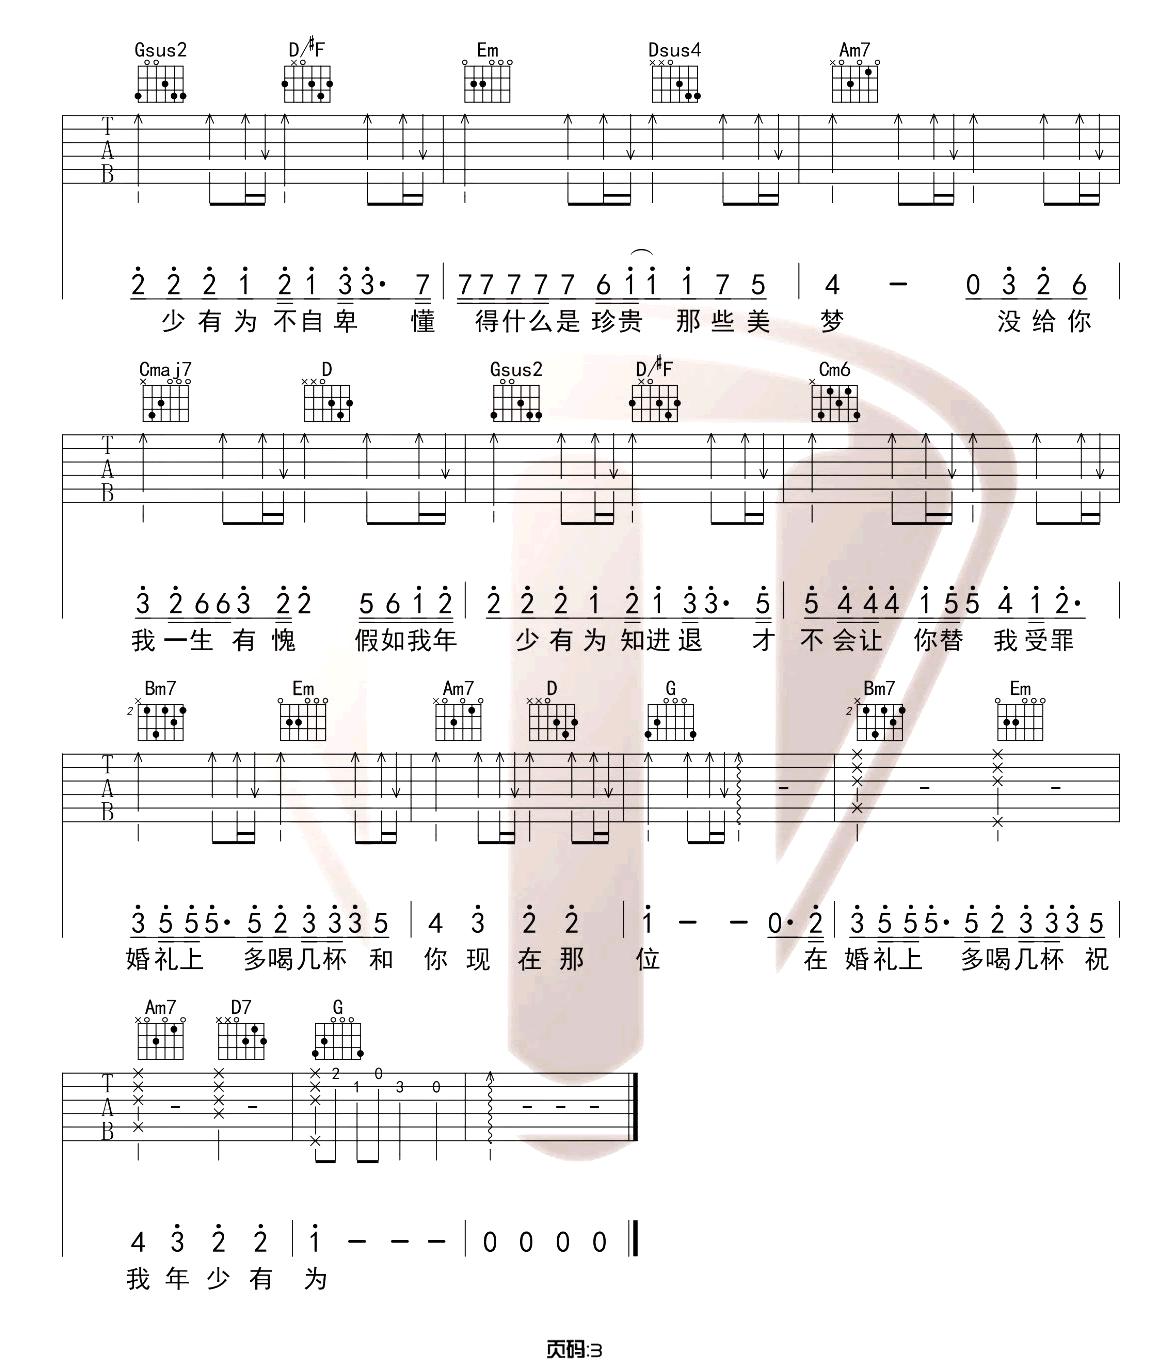 《年少有为》吉他谱_李荣浩_G调原版吉他弹唱六线谱_高清图片谱3